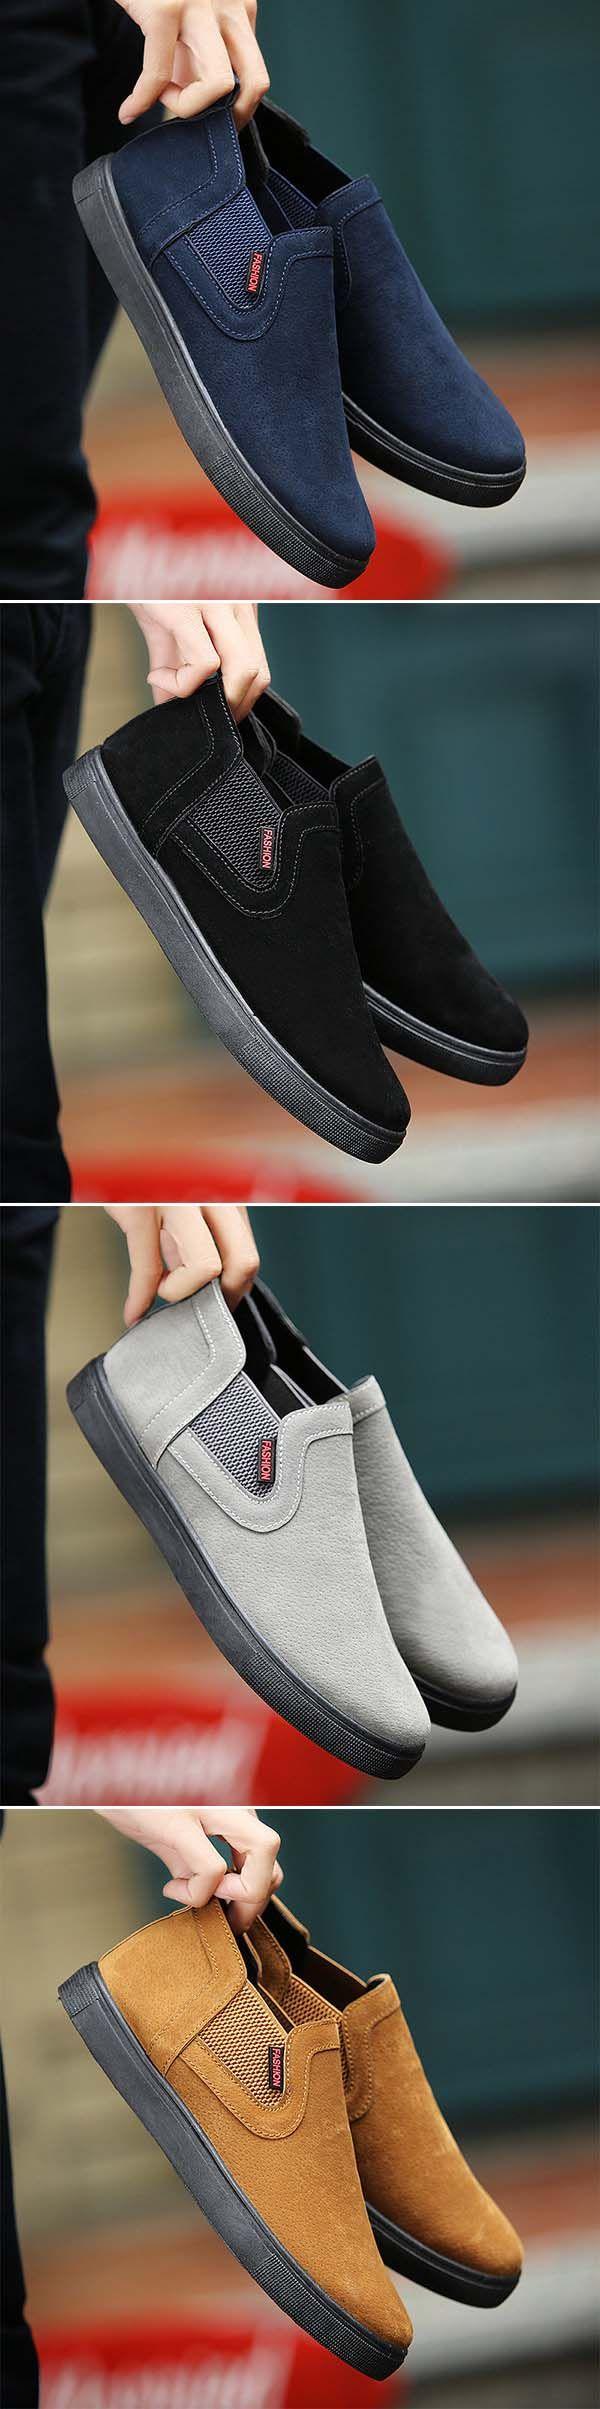 Men Low-top Elastic Panels Minimalist Design Rubber Sole Casual Shoes